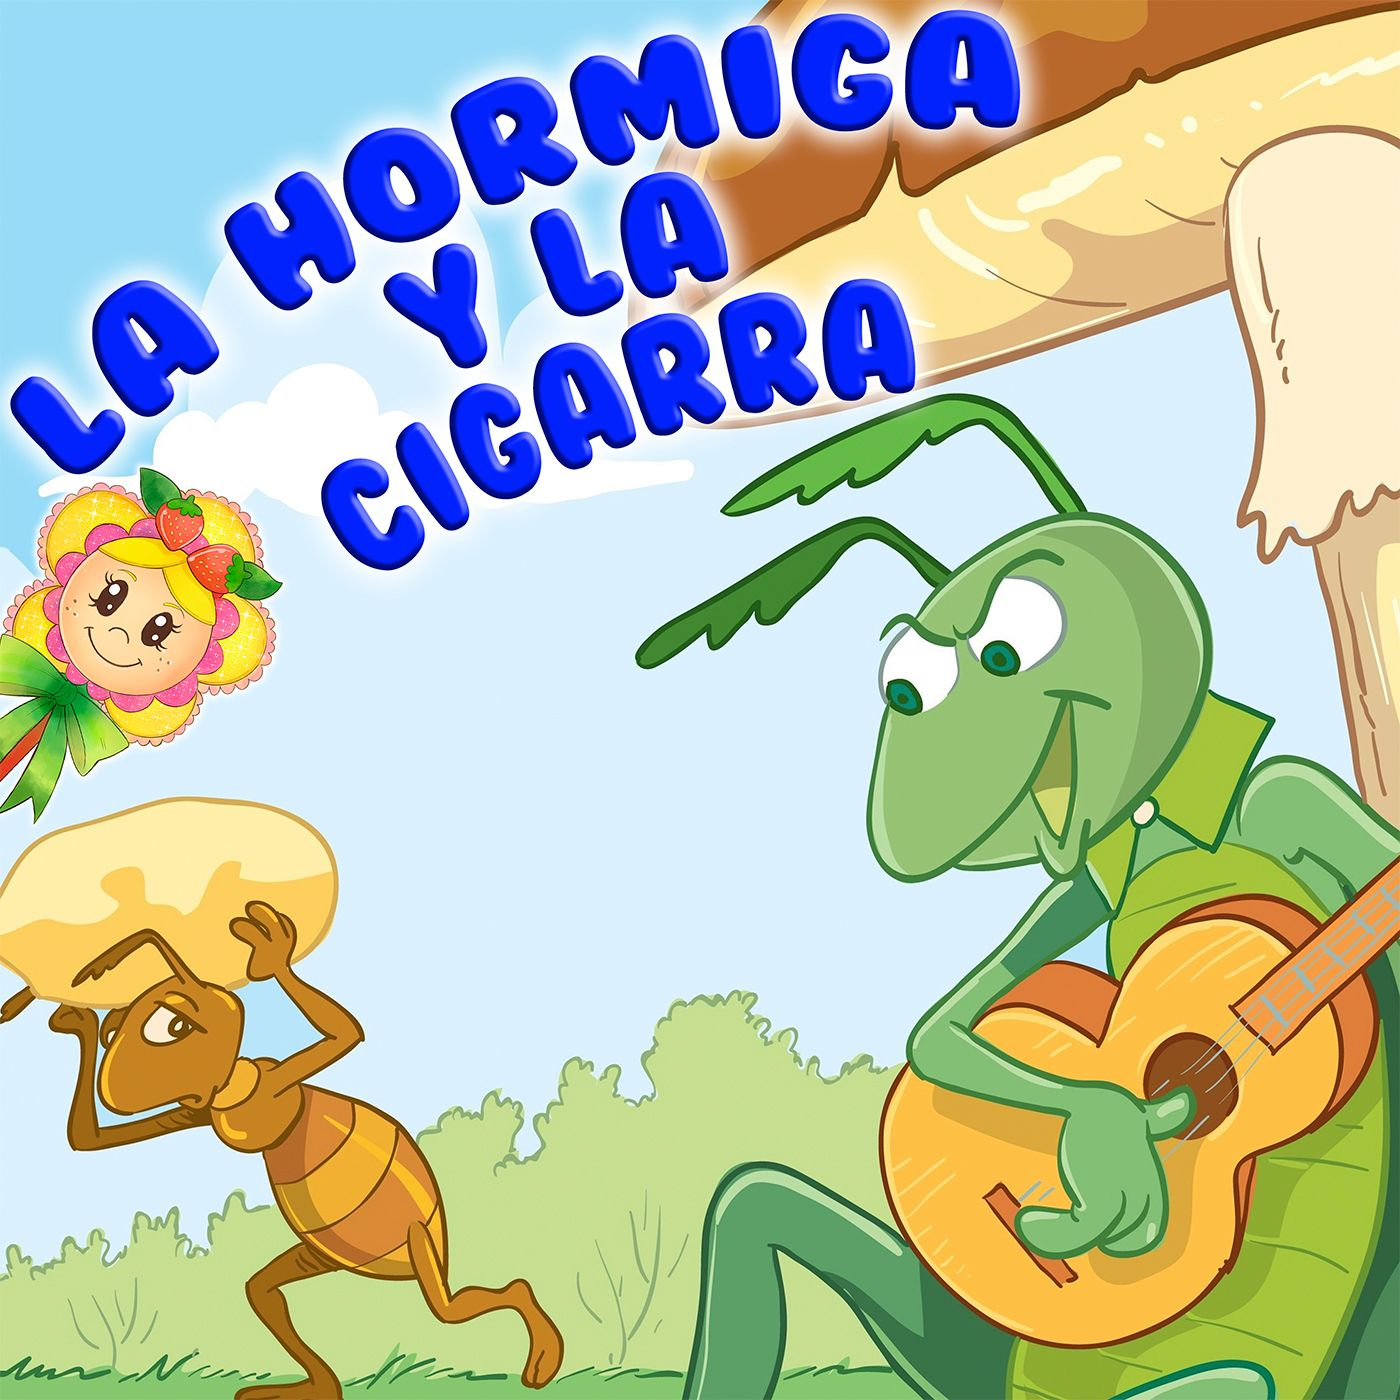 54. Tradicional fábula de la hormiga y la cigarra. Contado por Hada de Fresa